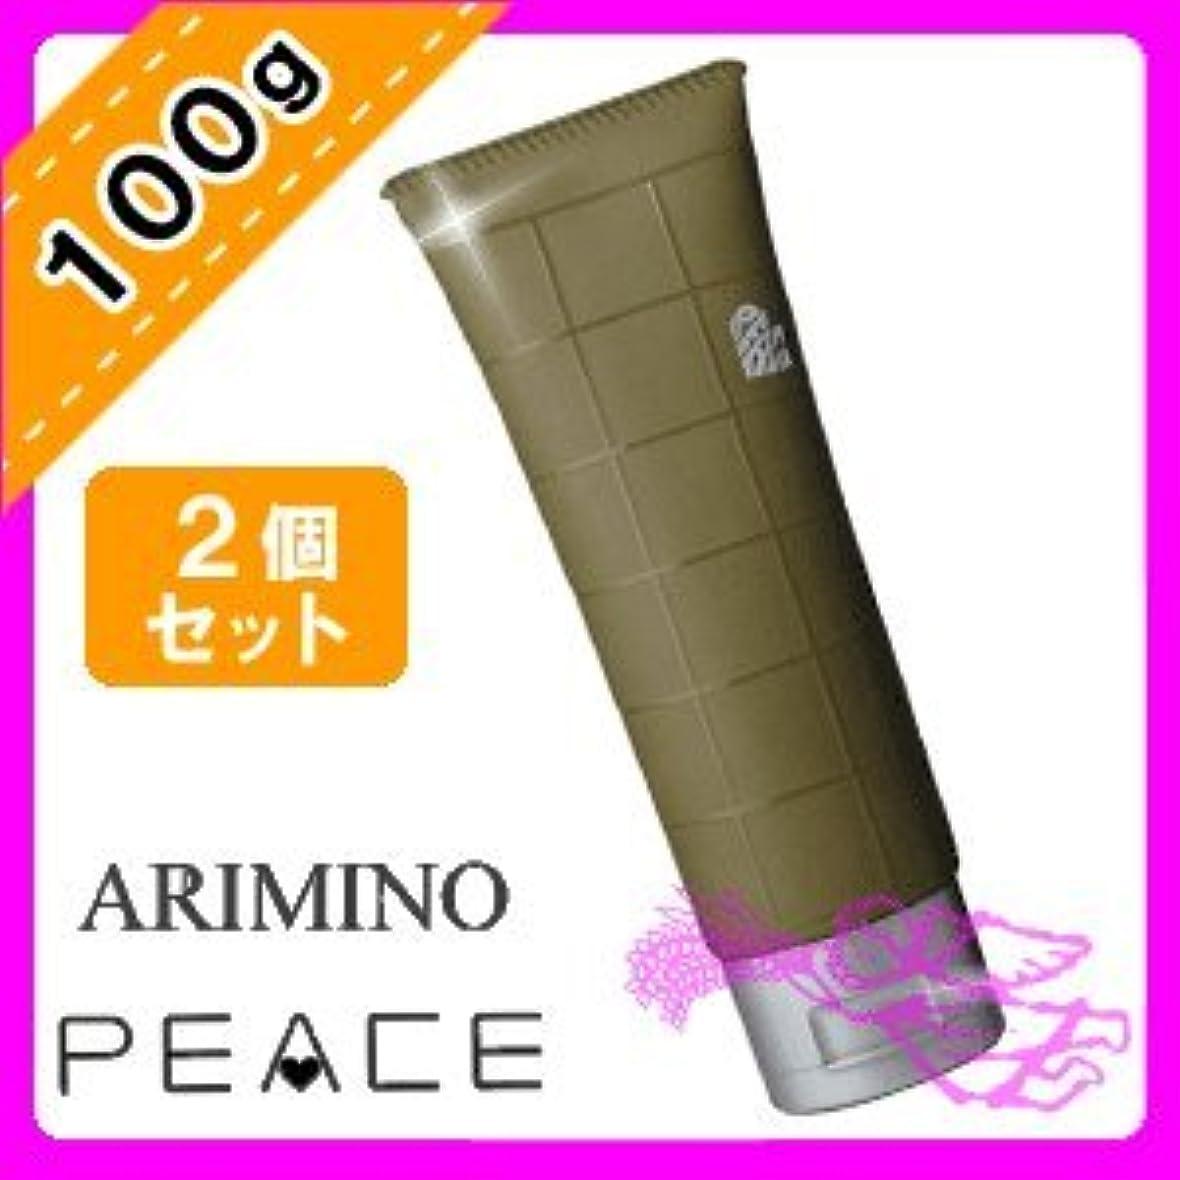 つまずくマグバラエティアリミノ ピース ウェットオイル ワックス 100g ×2個セット arimino PEACE